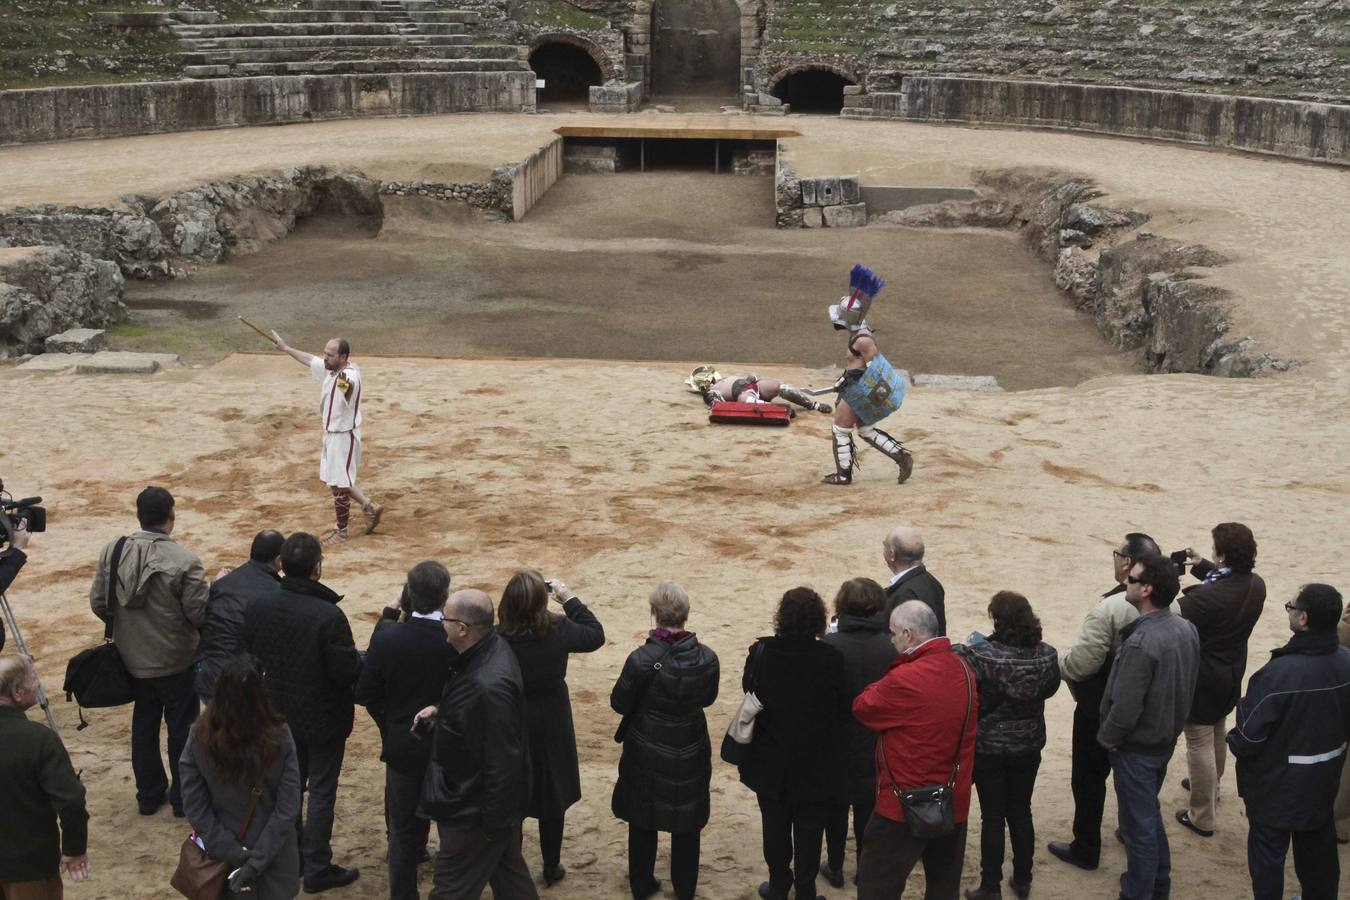 El Anfiteatro de Mérida recupera la arena donde luchaban los gladiadores